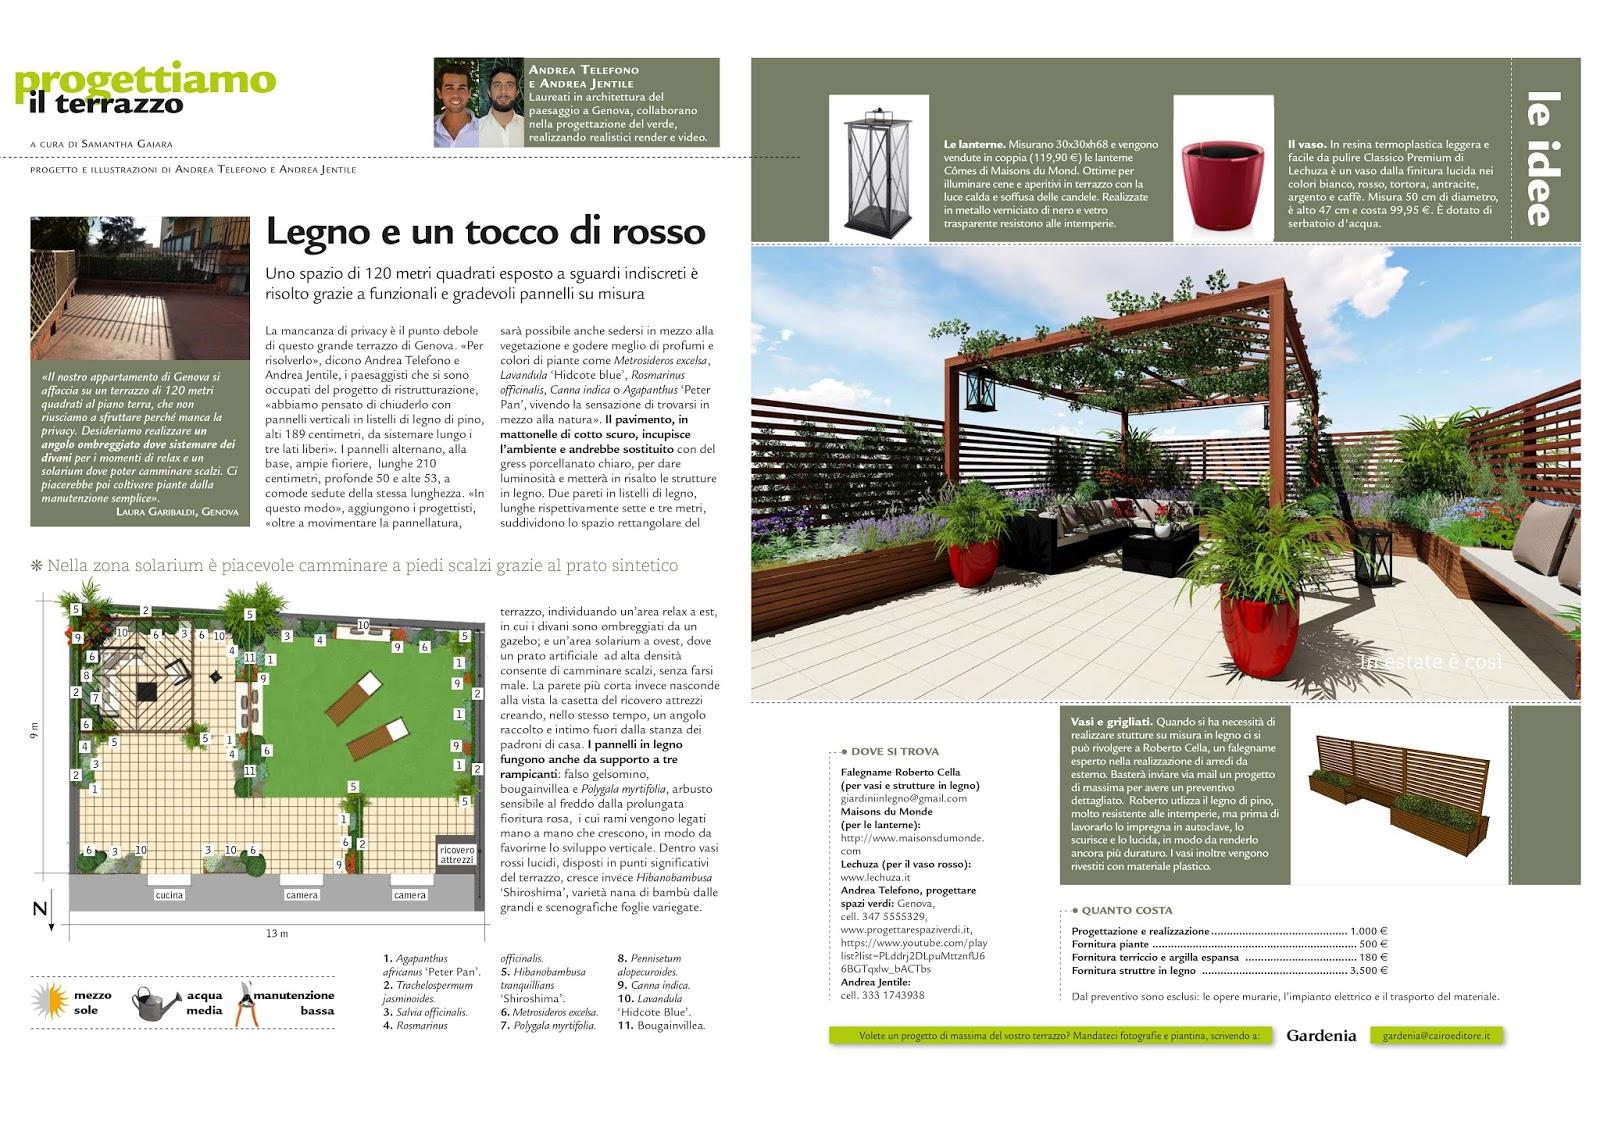 Progettare spazi verdi pubblicazione su gardenia marzo 2017 for Progettare spazi verdi